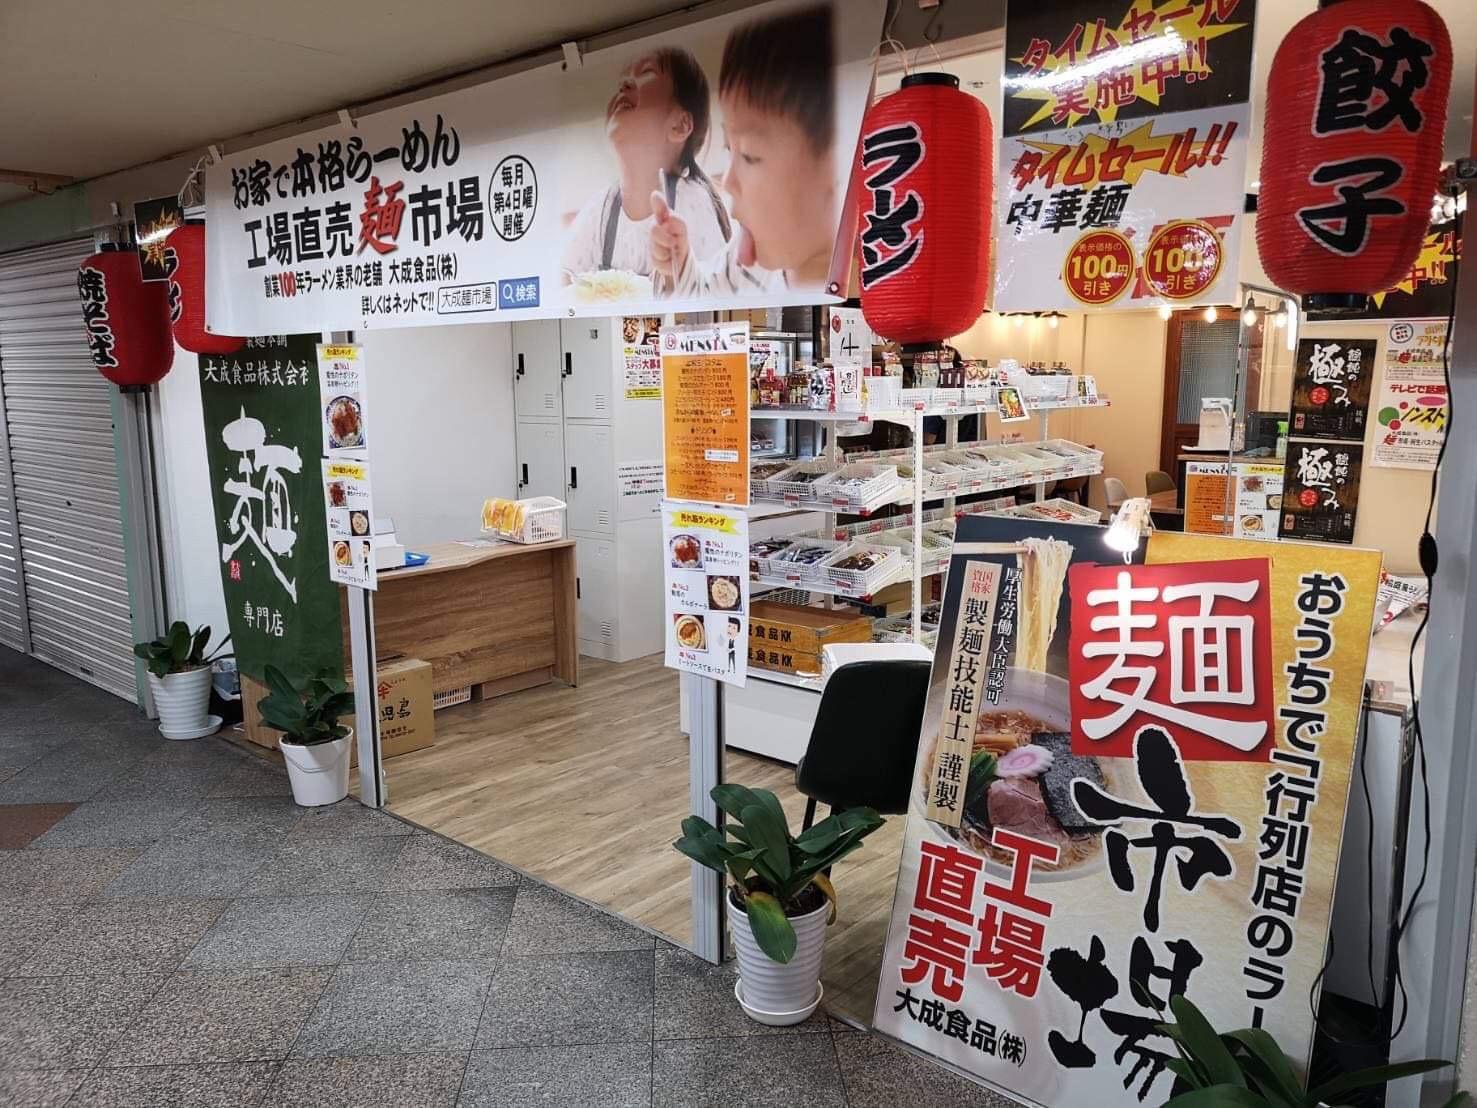 「暮らしさがし」様に麺テイスティング・カフェショップ MENSTAが掲載されました